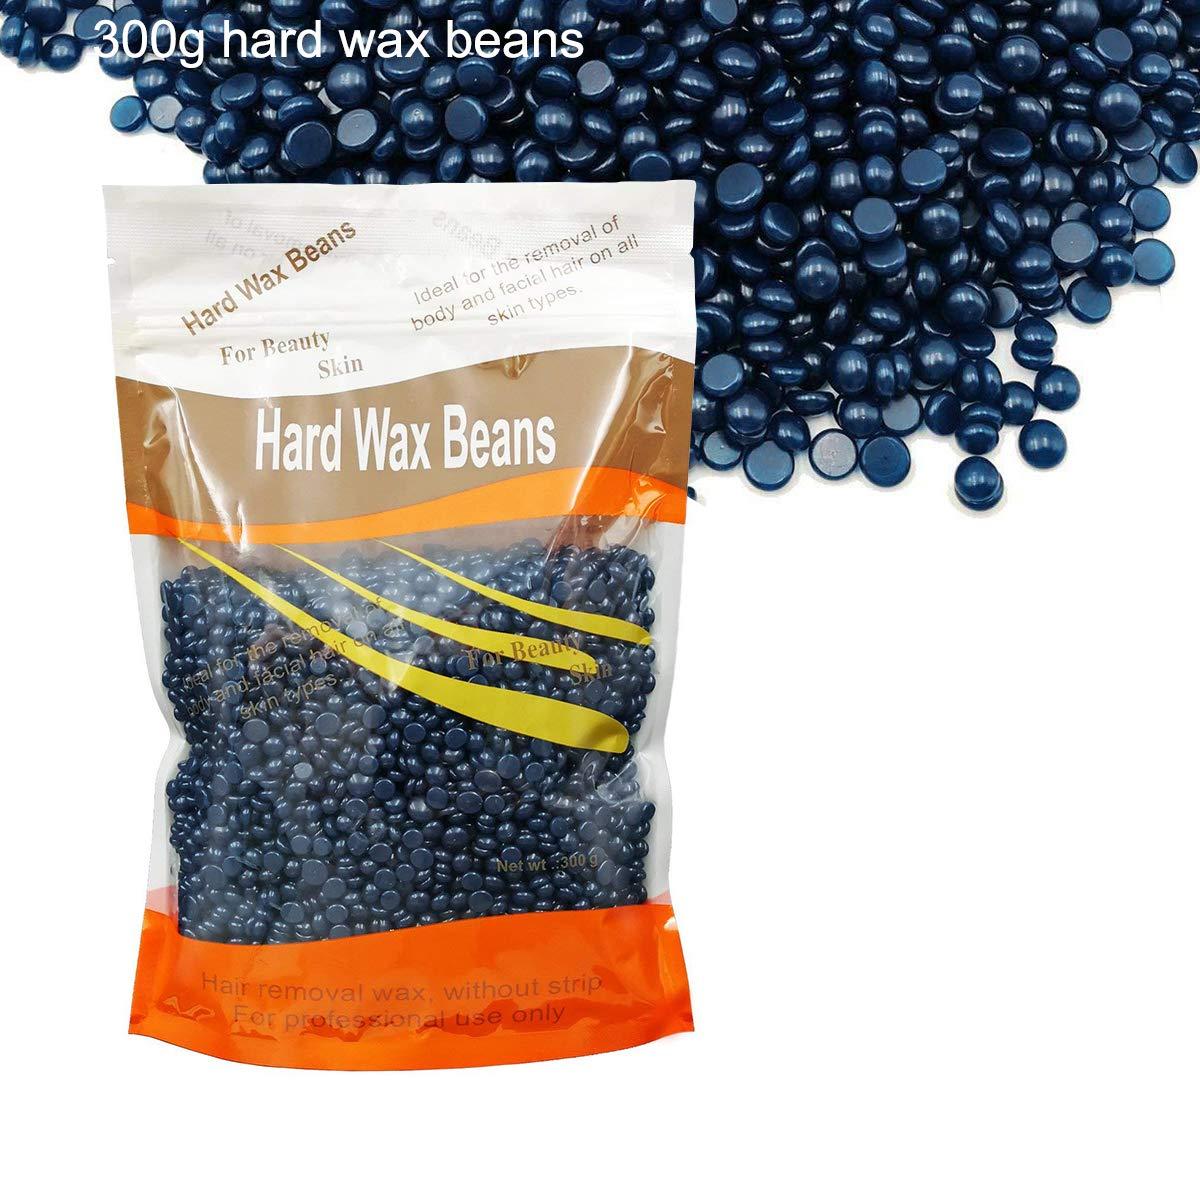 Hard Wax Beans No Strip for Hair Removal, Body Hair Depilatory Pearl Beads, Chamomile Brazilian Bikini Waxing for Women Men 10.5ounce/300g waxkiss